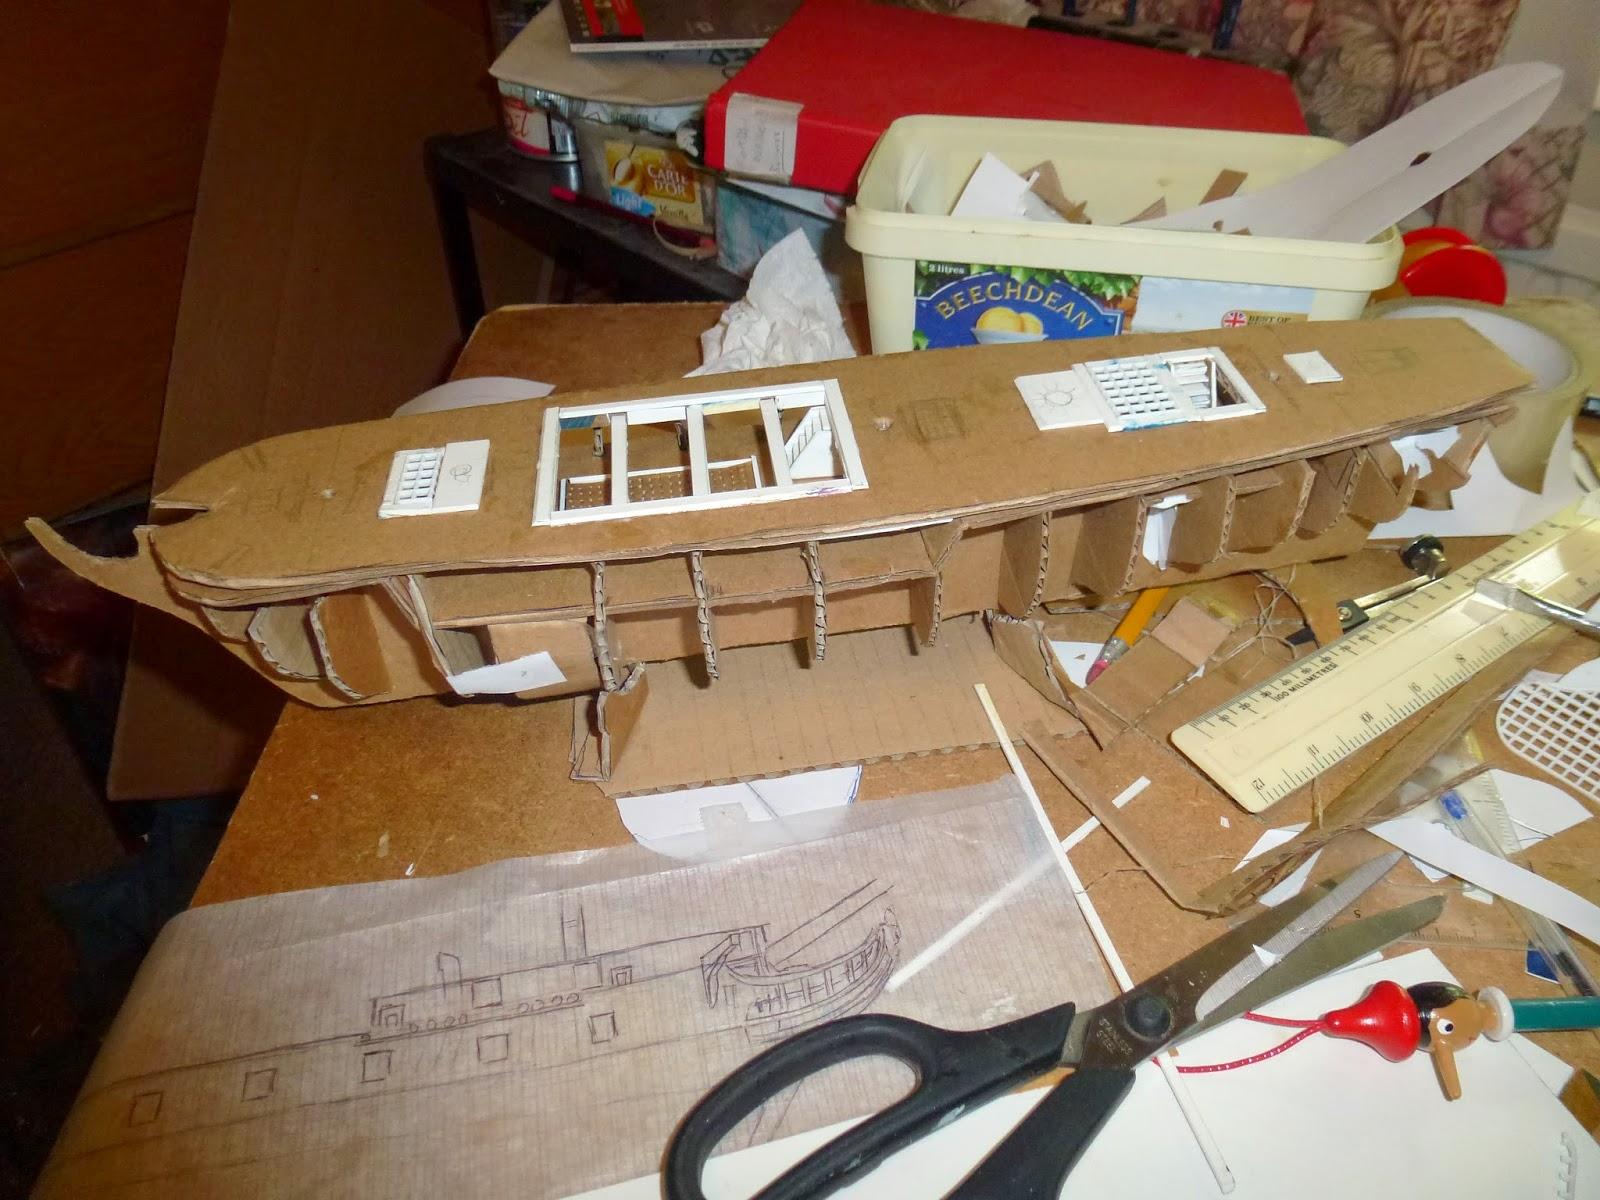 The Art Blog of Gordon Napier: How to make a Model Frigate ...